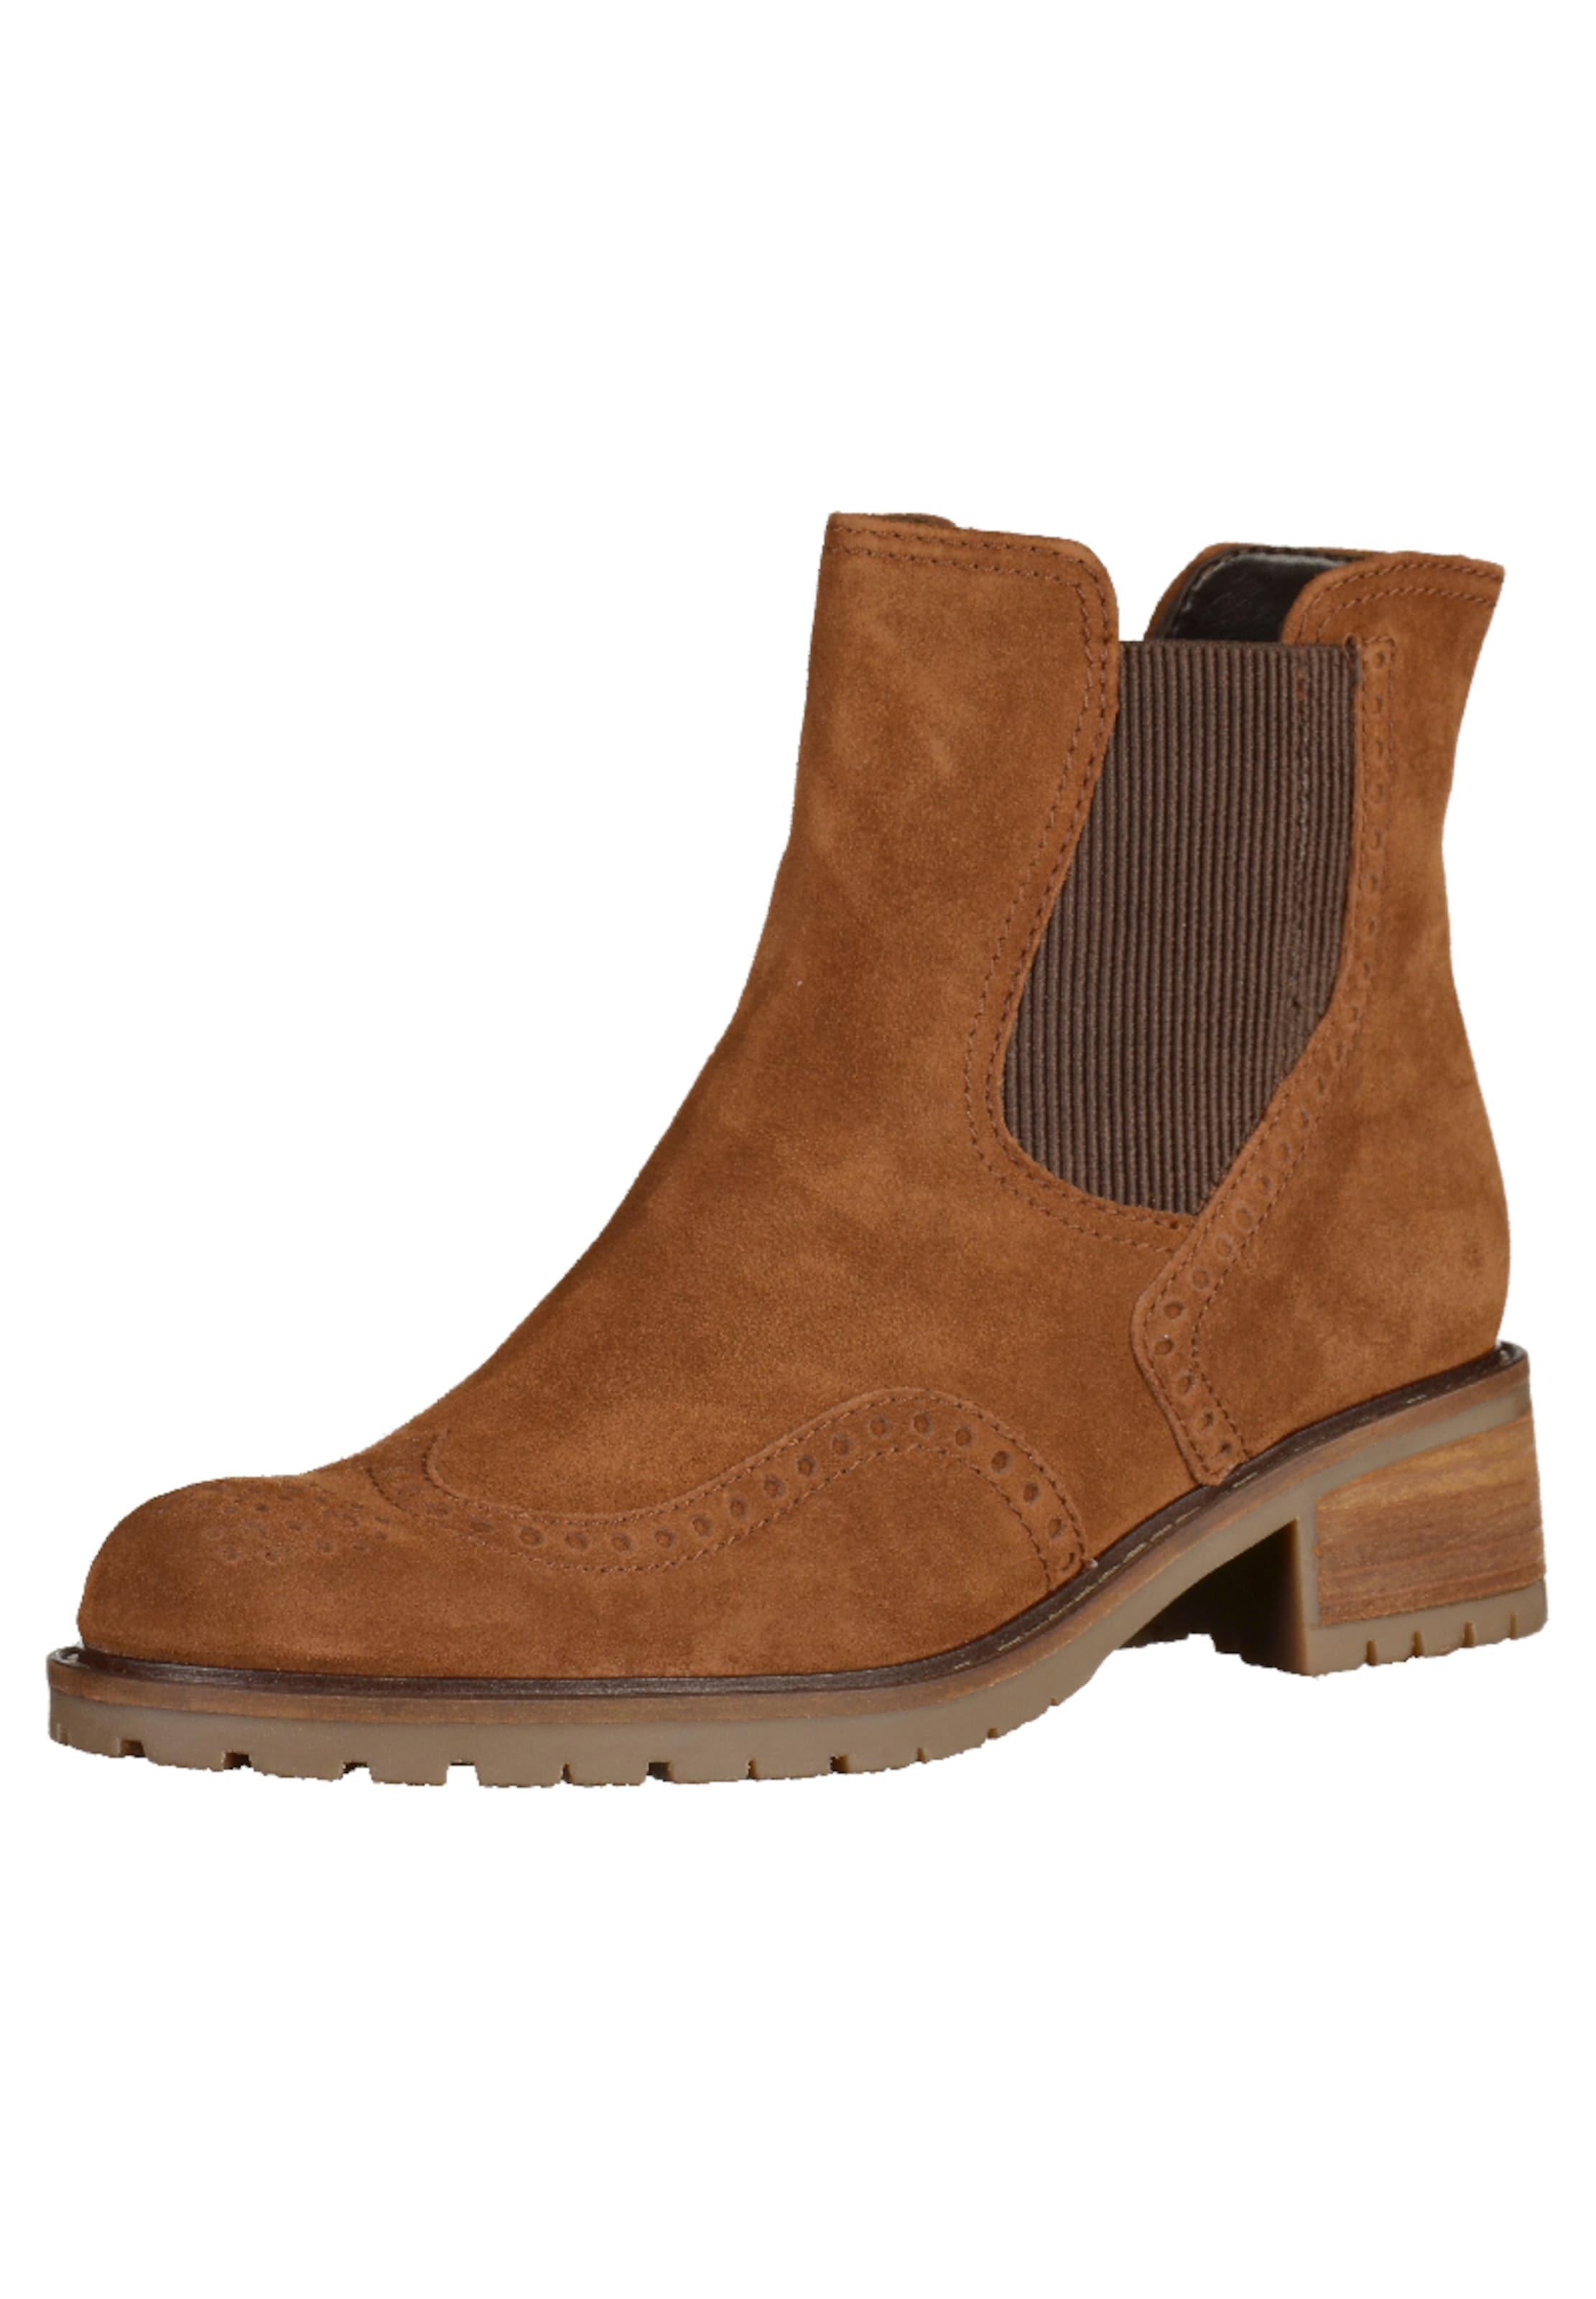 GABOR Stiefeletten Günstige und langlebige Schuhe